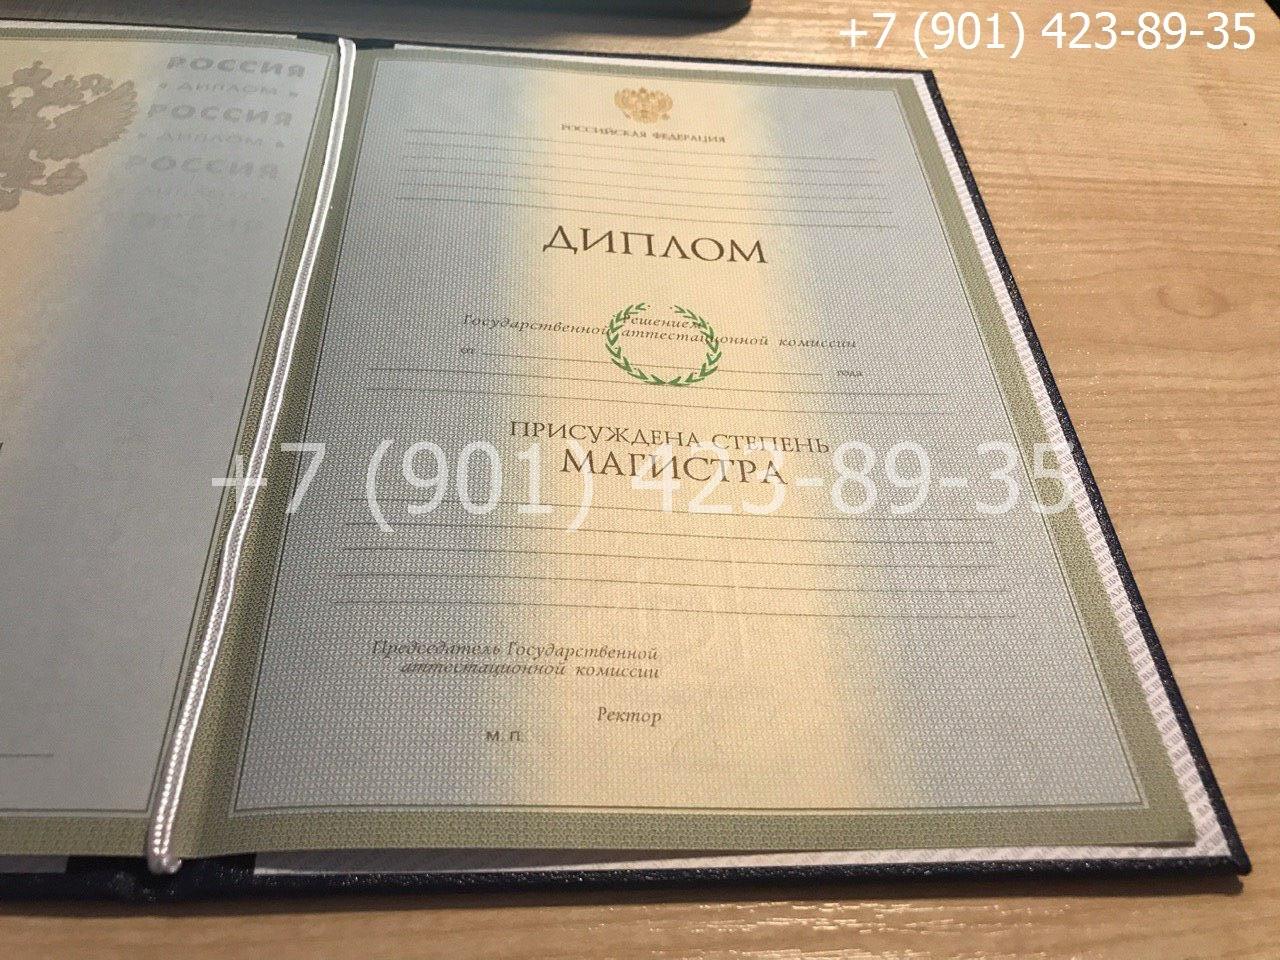 Диплом магистра 2004-2009 годов, старого образца, титульный лист